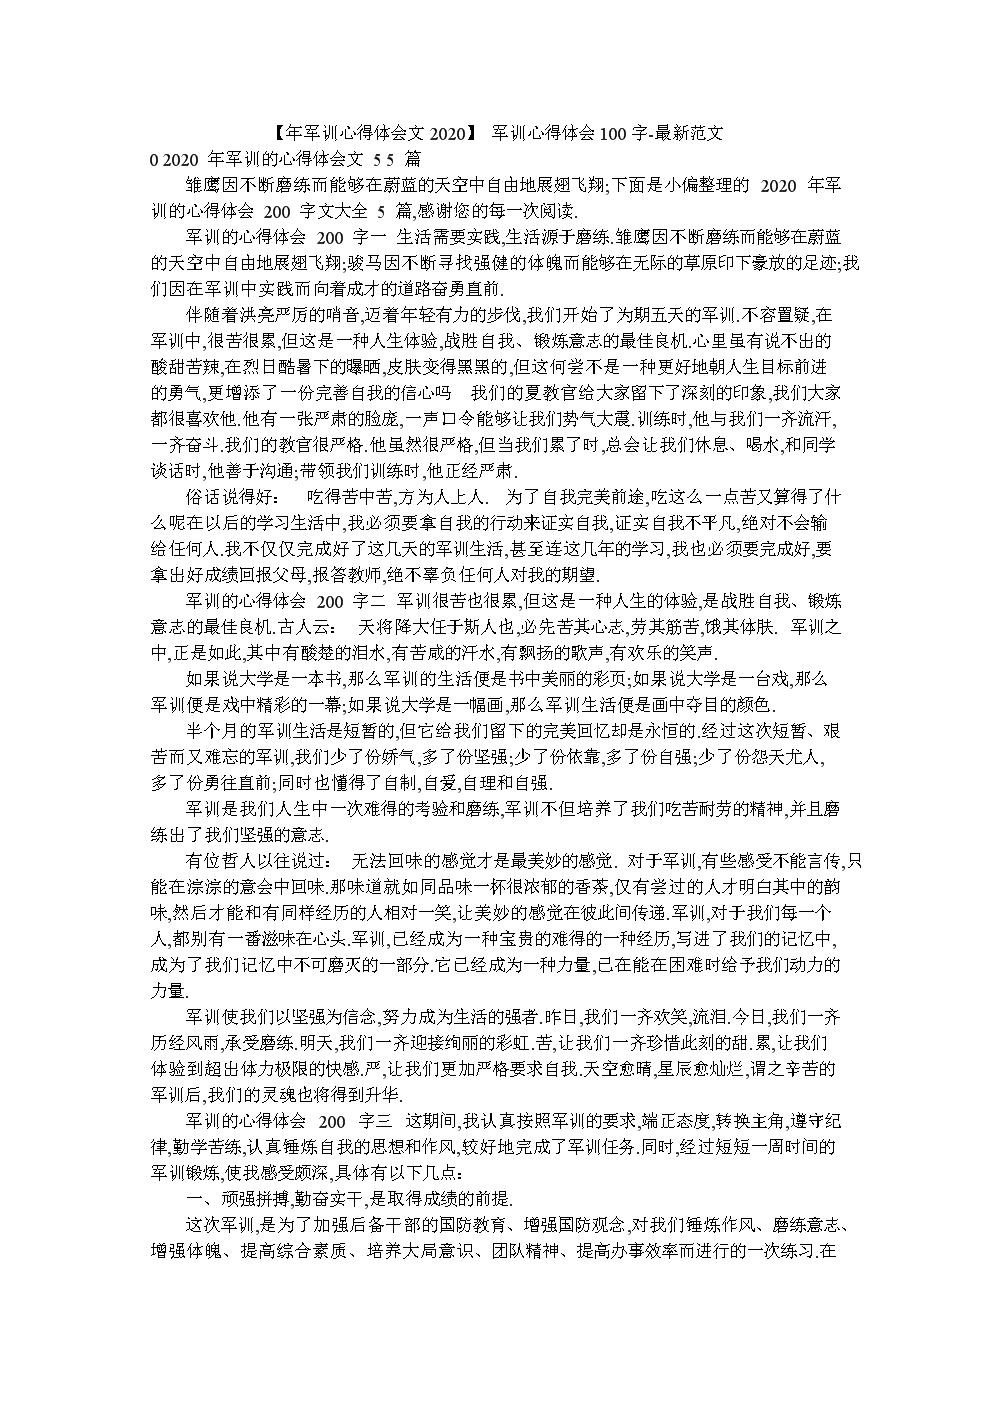 【年军训心得体会文2020】 军训心得体会100字-最新范文.doc